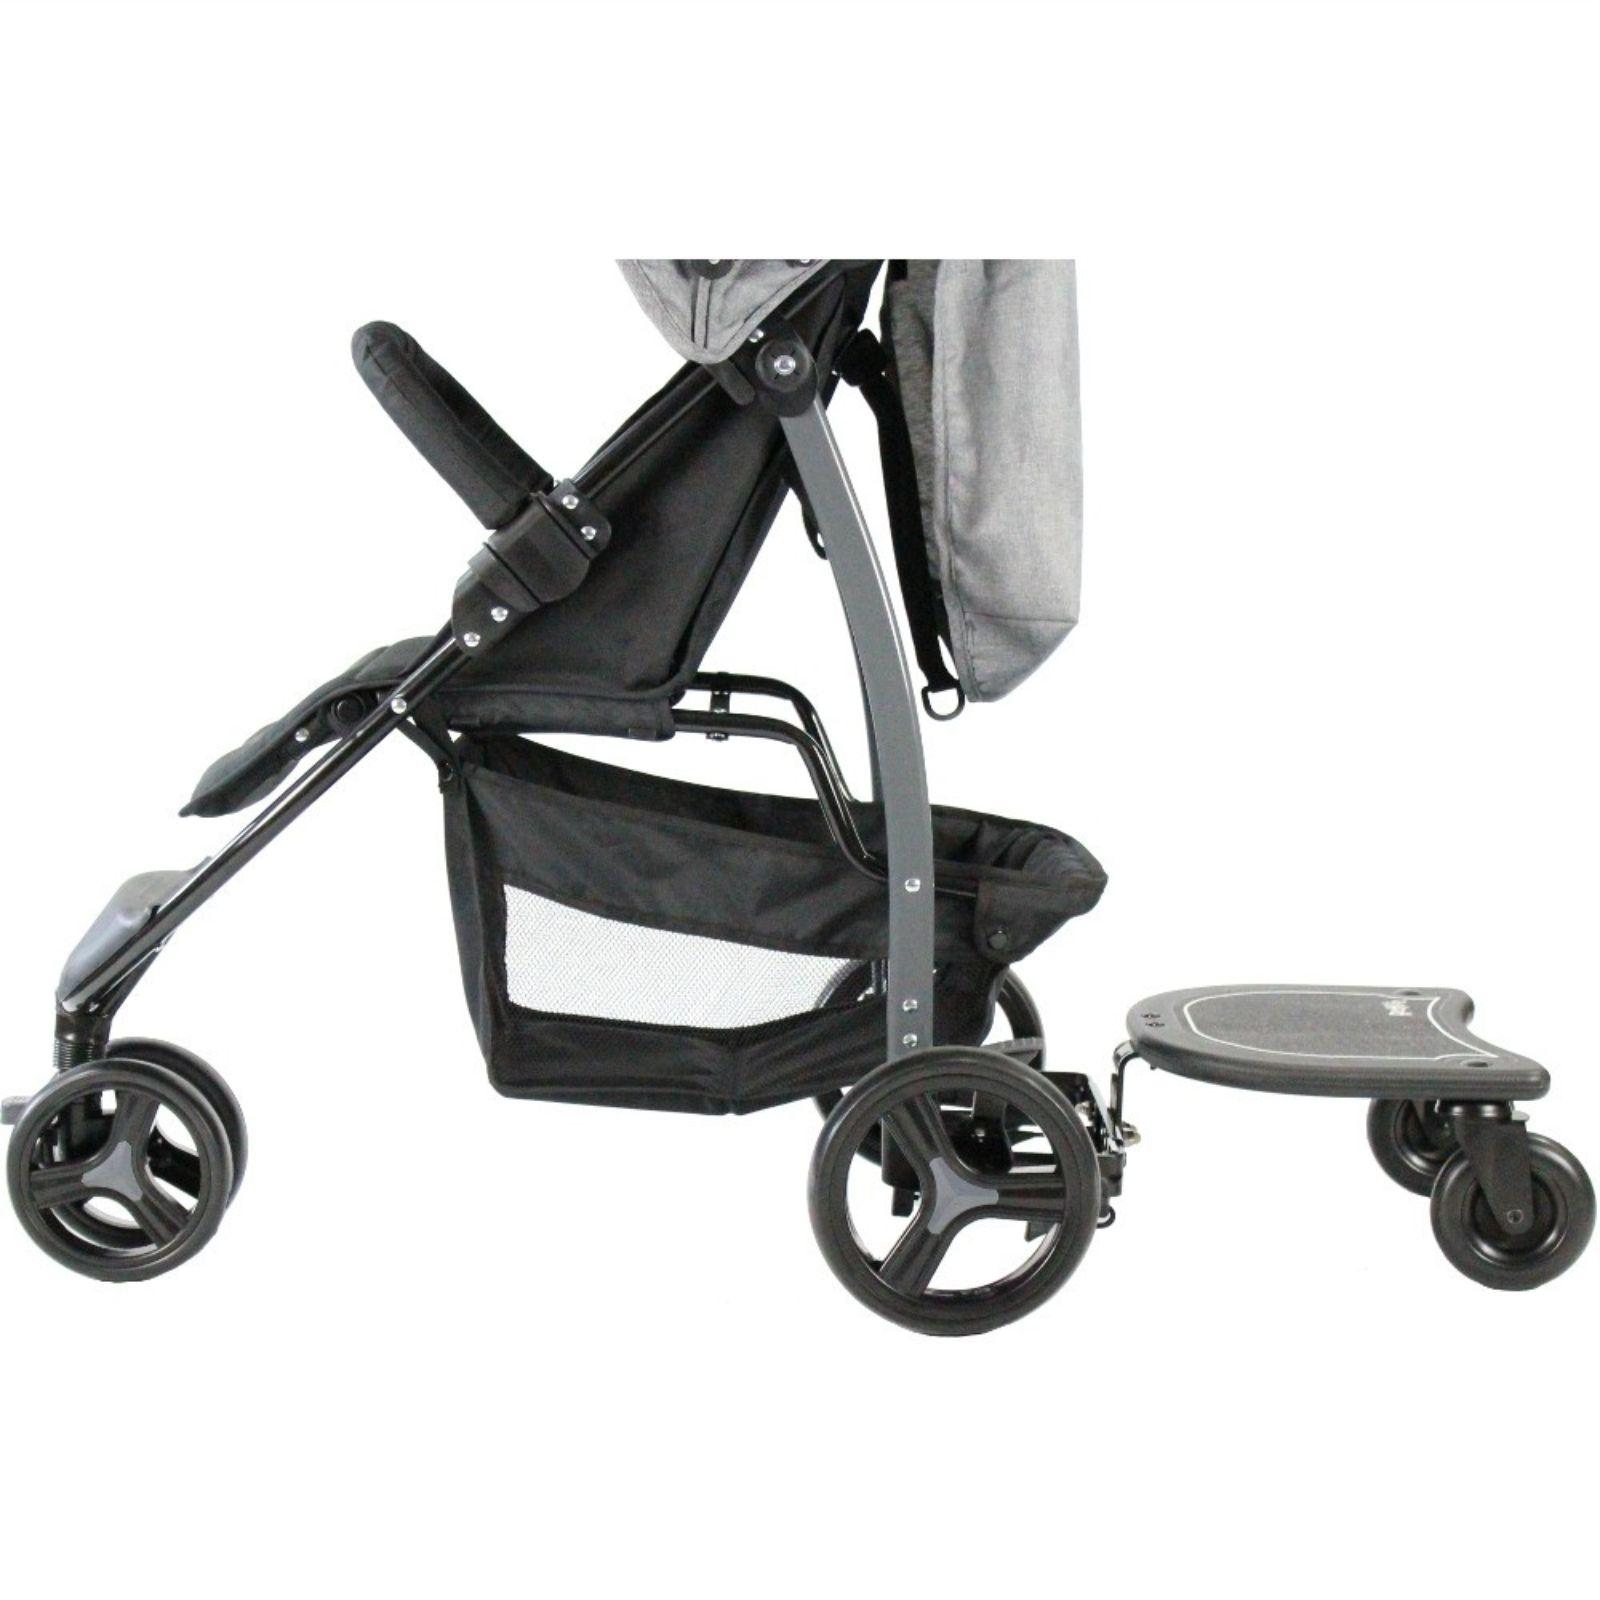 Red Kite Junior Rider Stroller Board Black Buy At